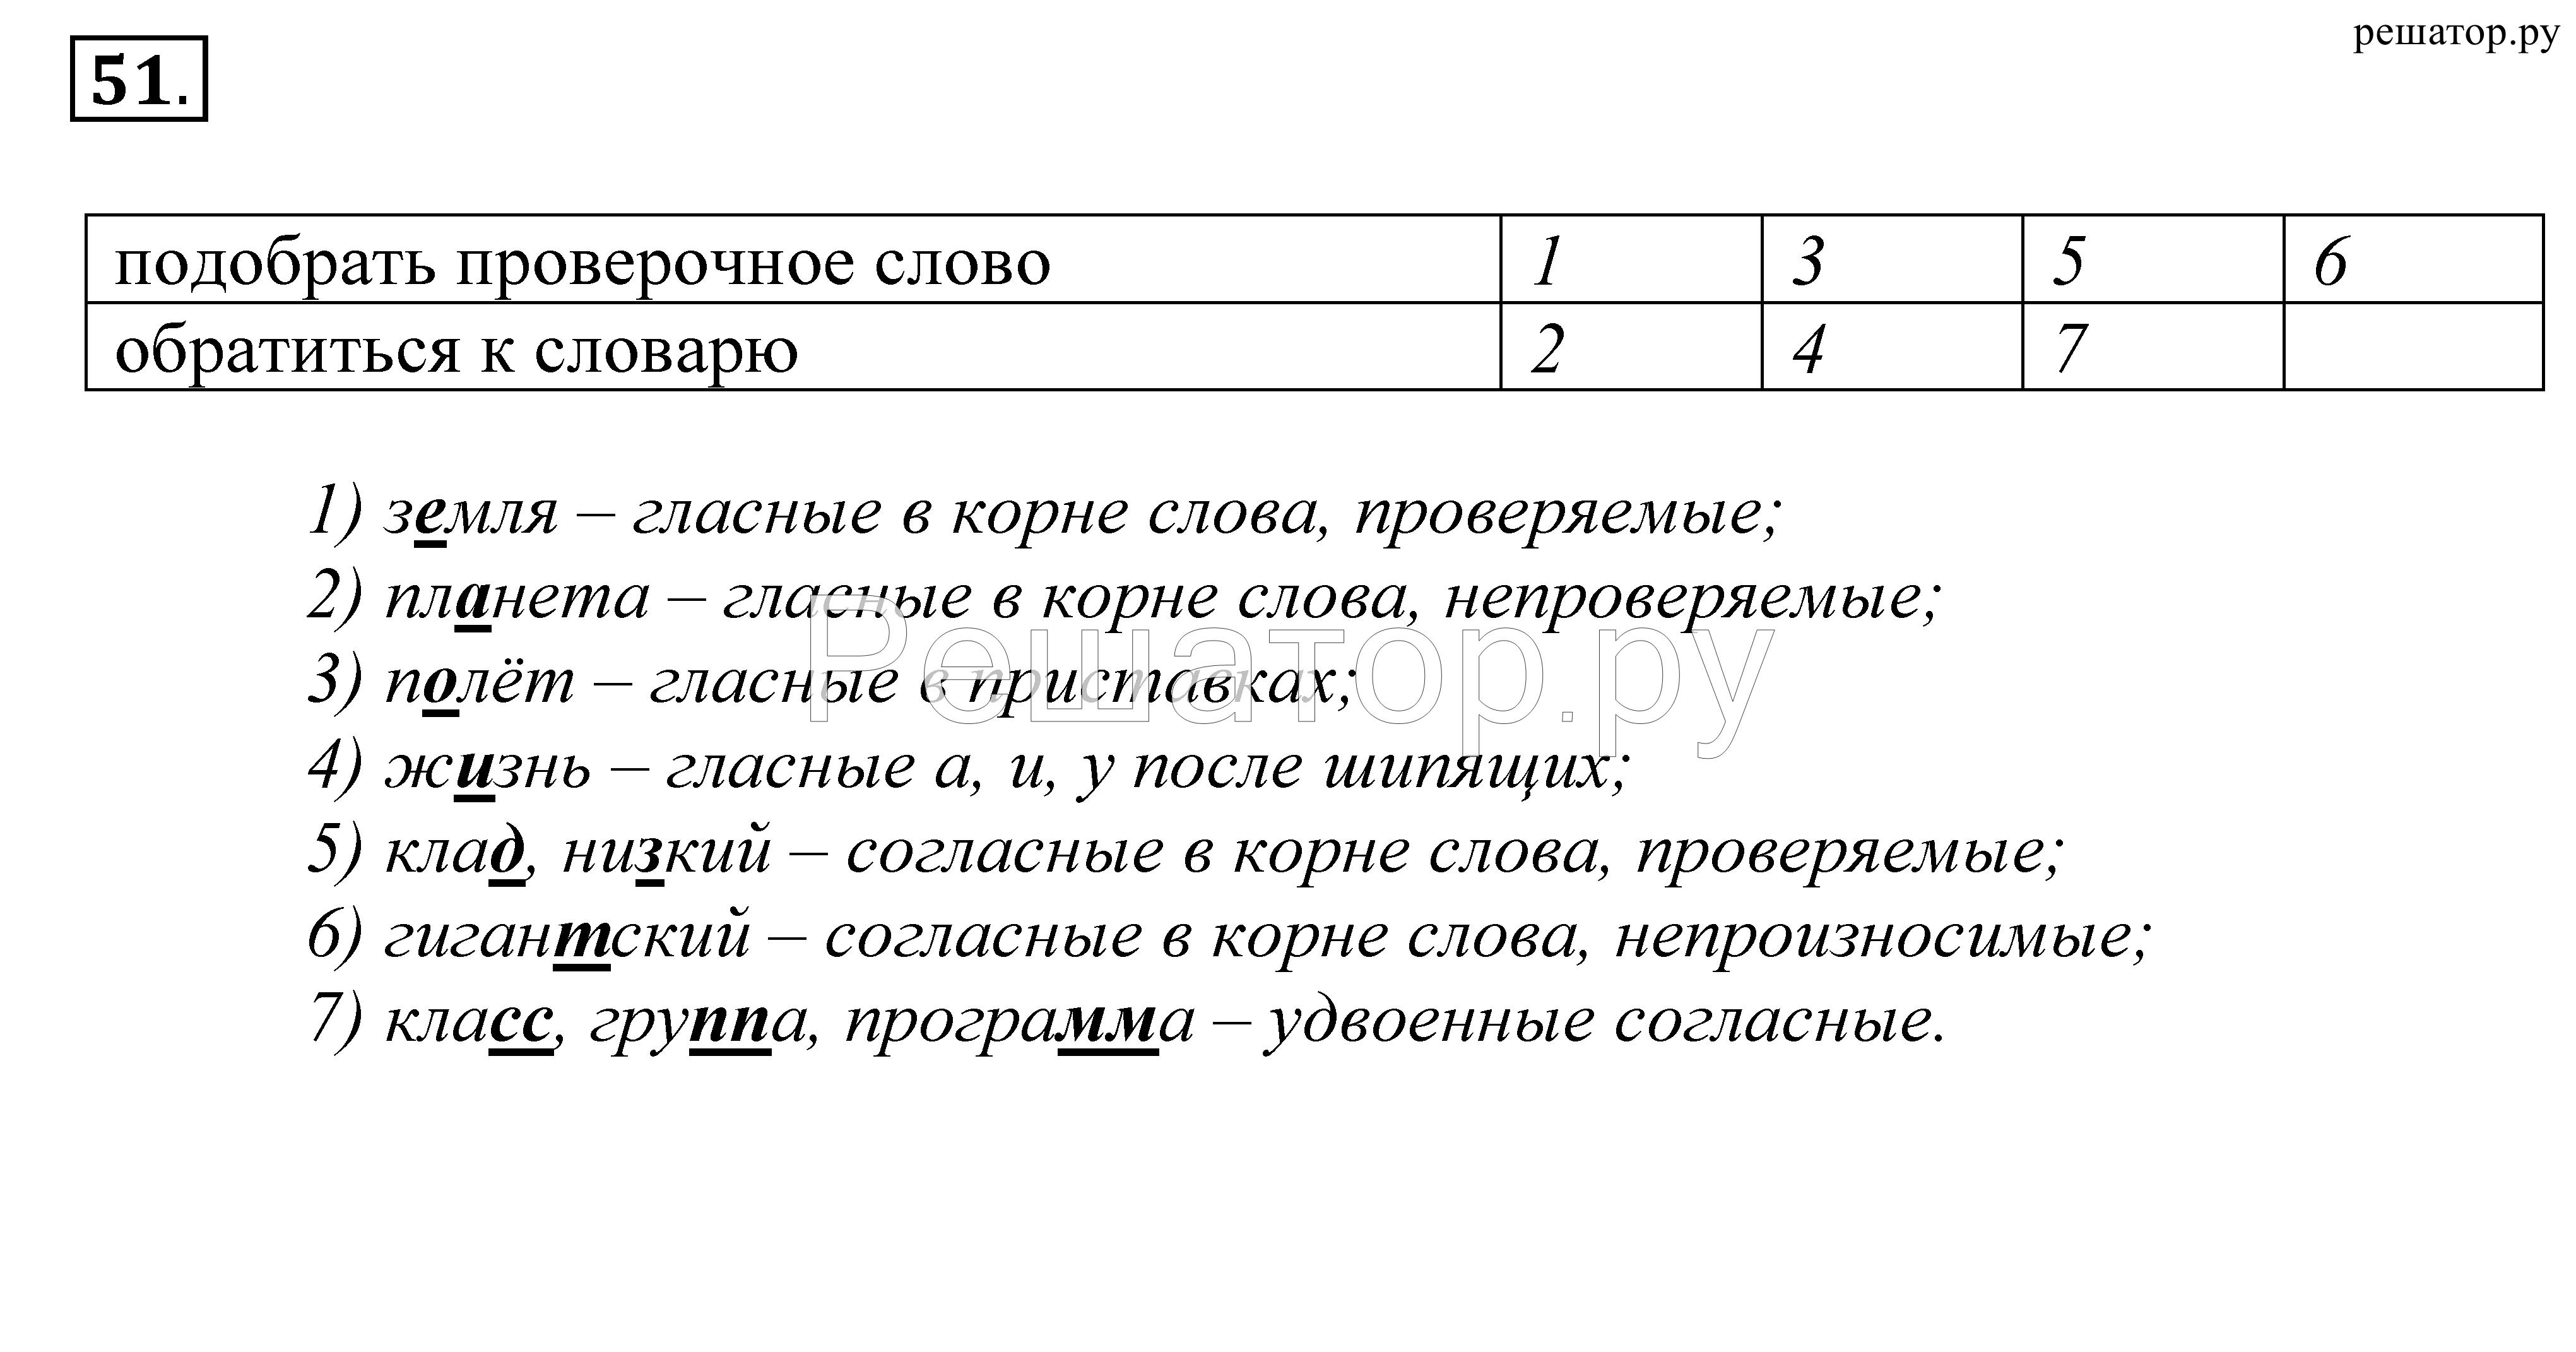 Гдзкапулова еремеева пахнов русск яз 5 класс